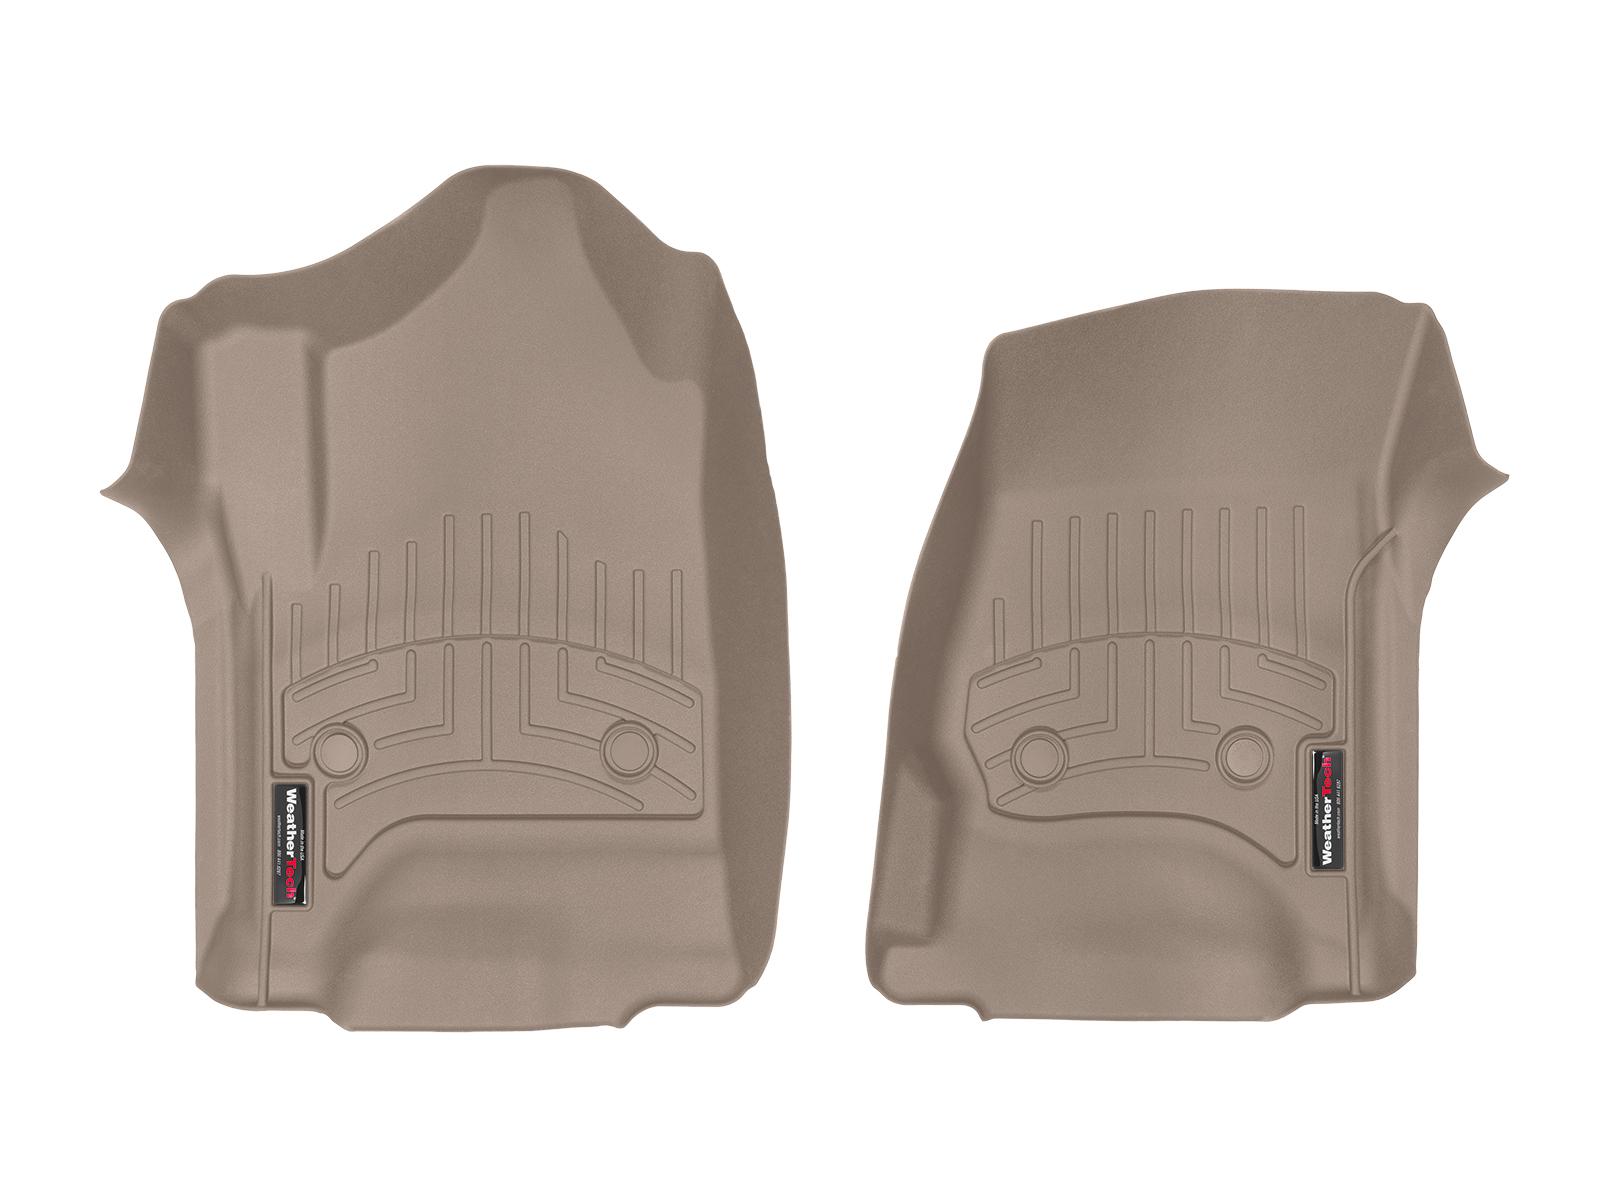 Tappeti gomma su misura bordo alto Chevrolet Silverado 15>17 Marrone A198